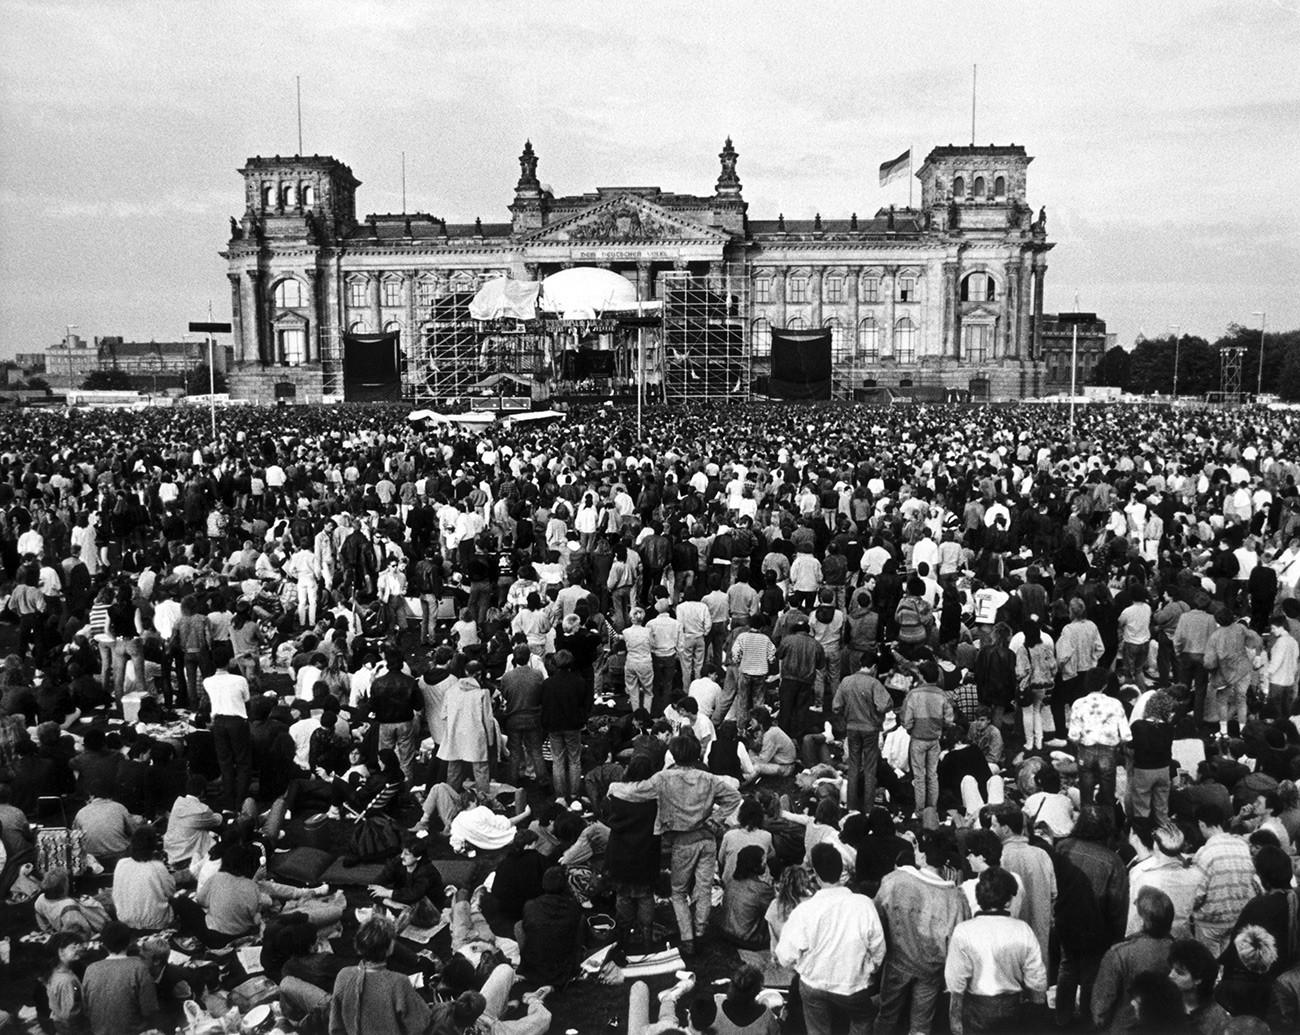 На фотографији направљеној 6. јуна 1987. виде се људи окупљени испред зграде Рајхстага у тадашњем Западном Берлину на концерту британског музичара Дејвида Боувија.